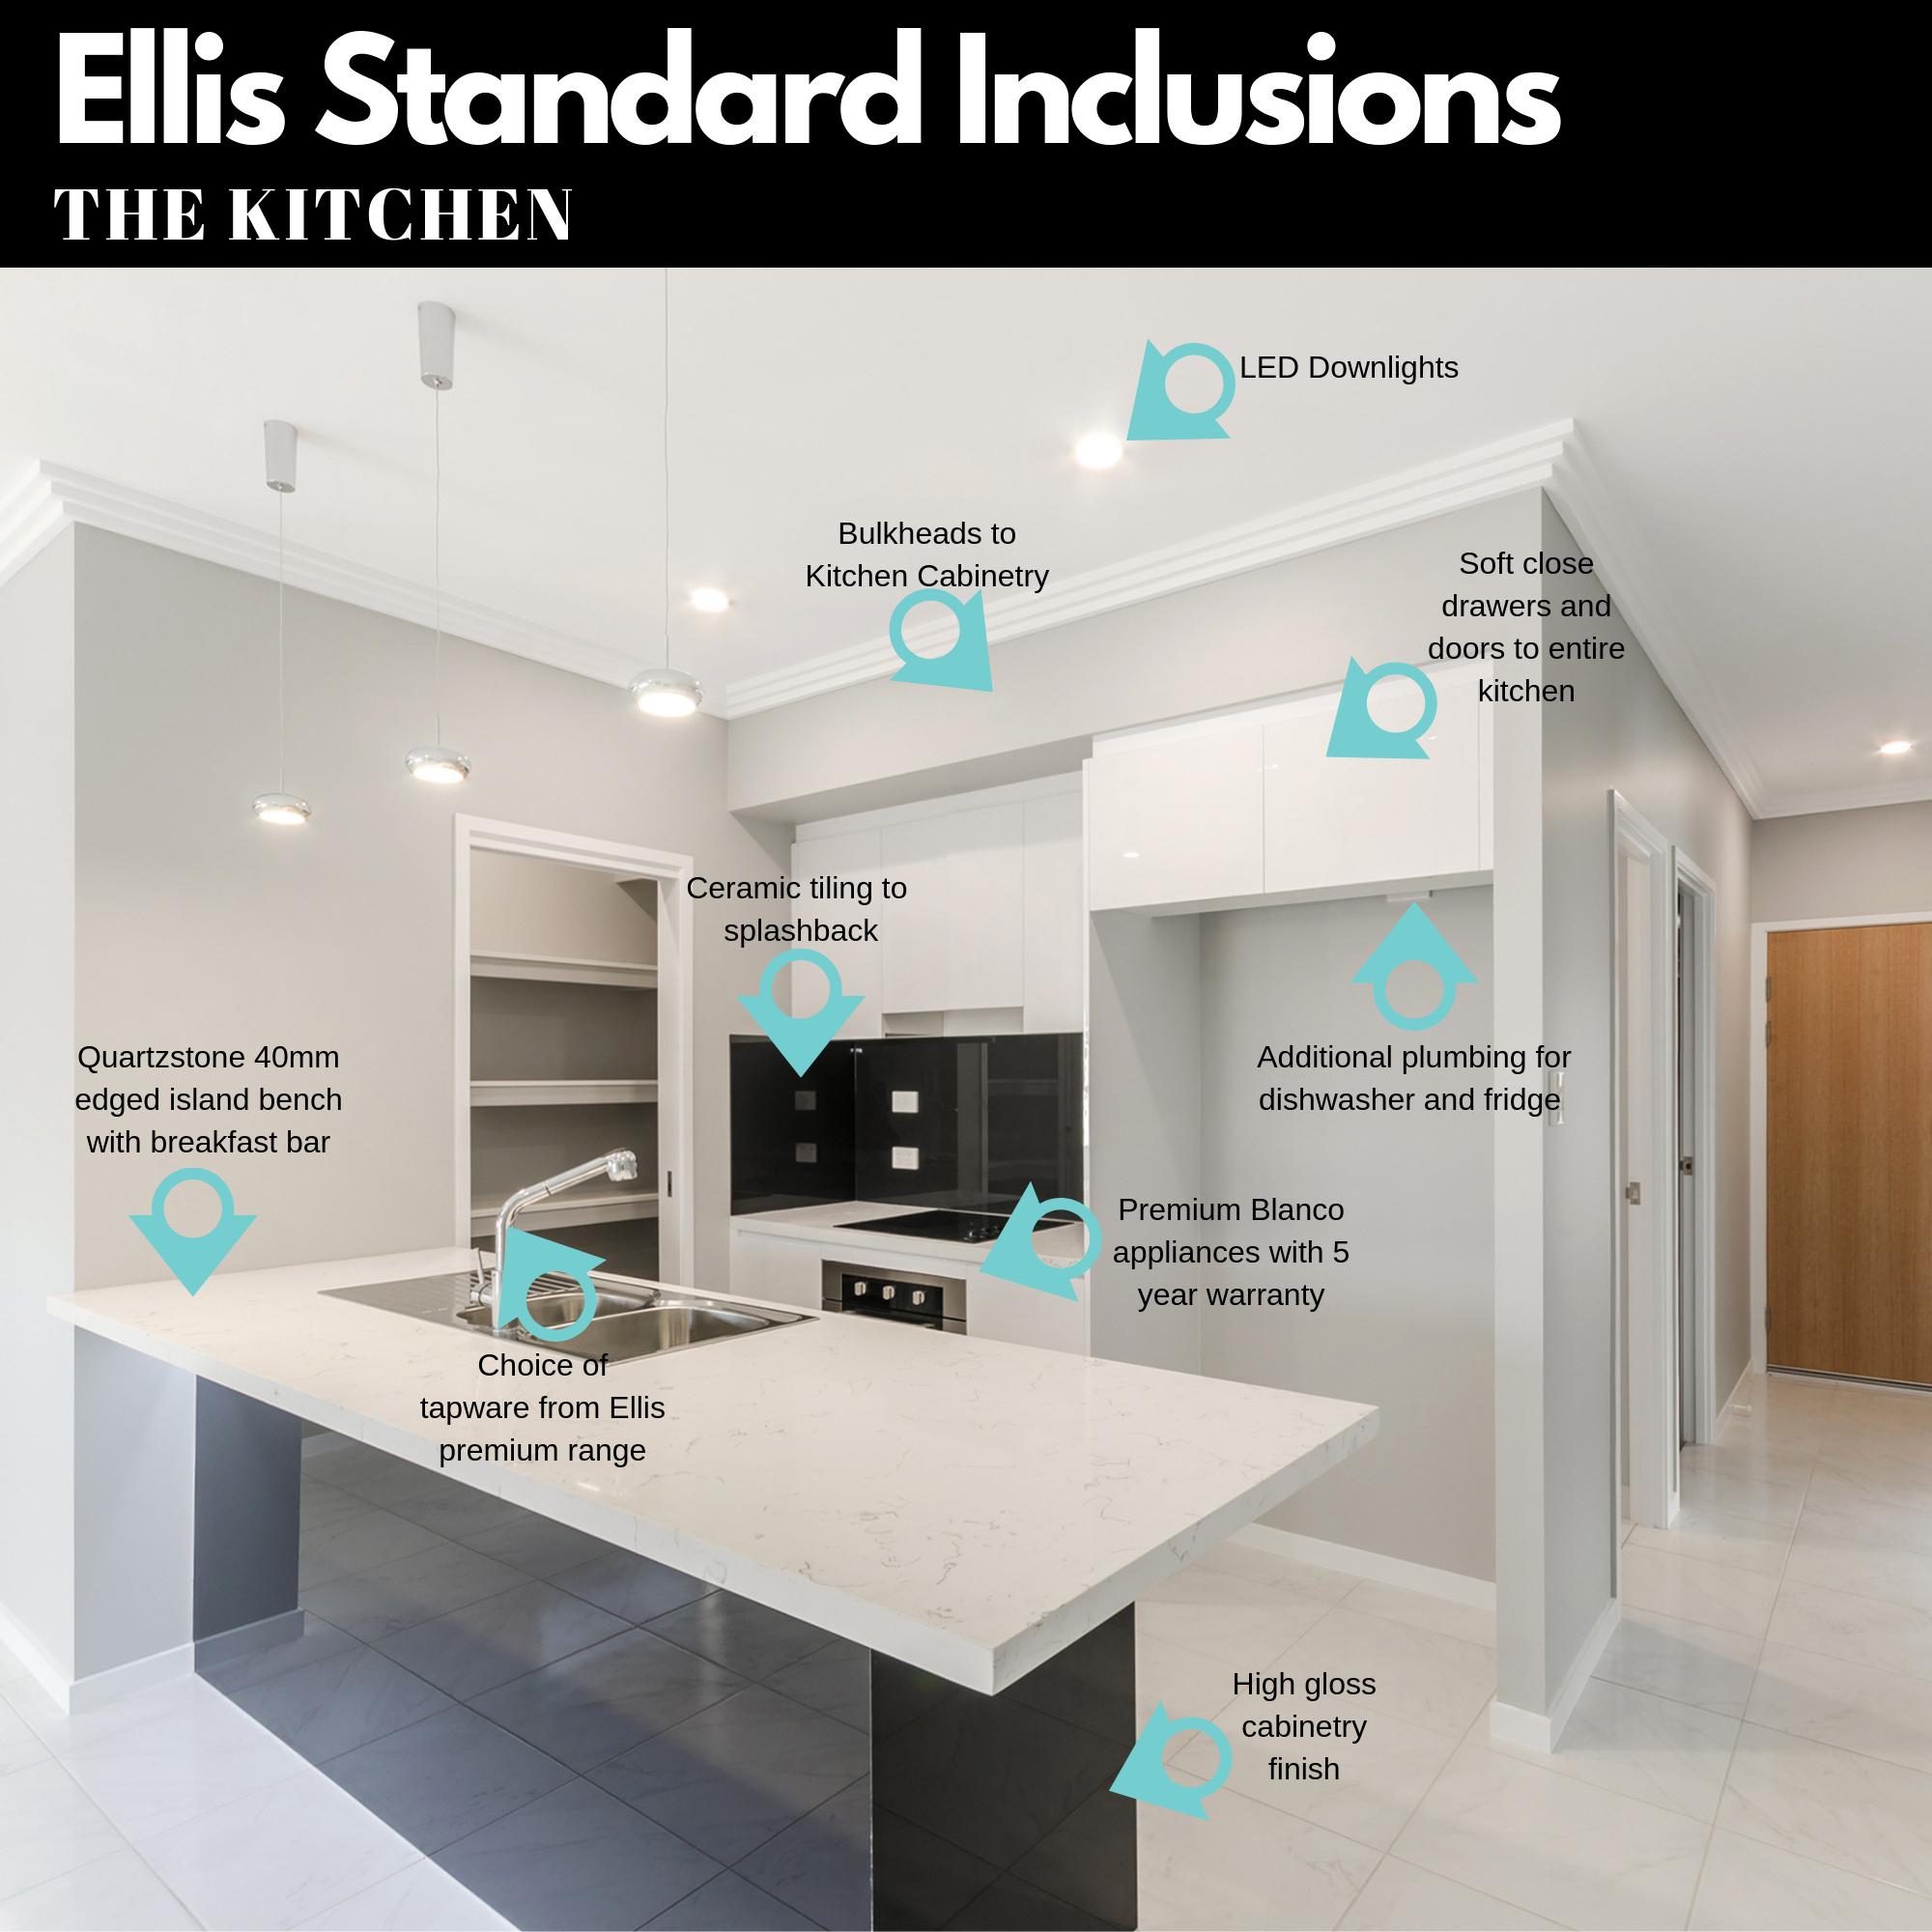 EllisDevelopments_StandardInclusions_Kitchens.png